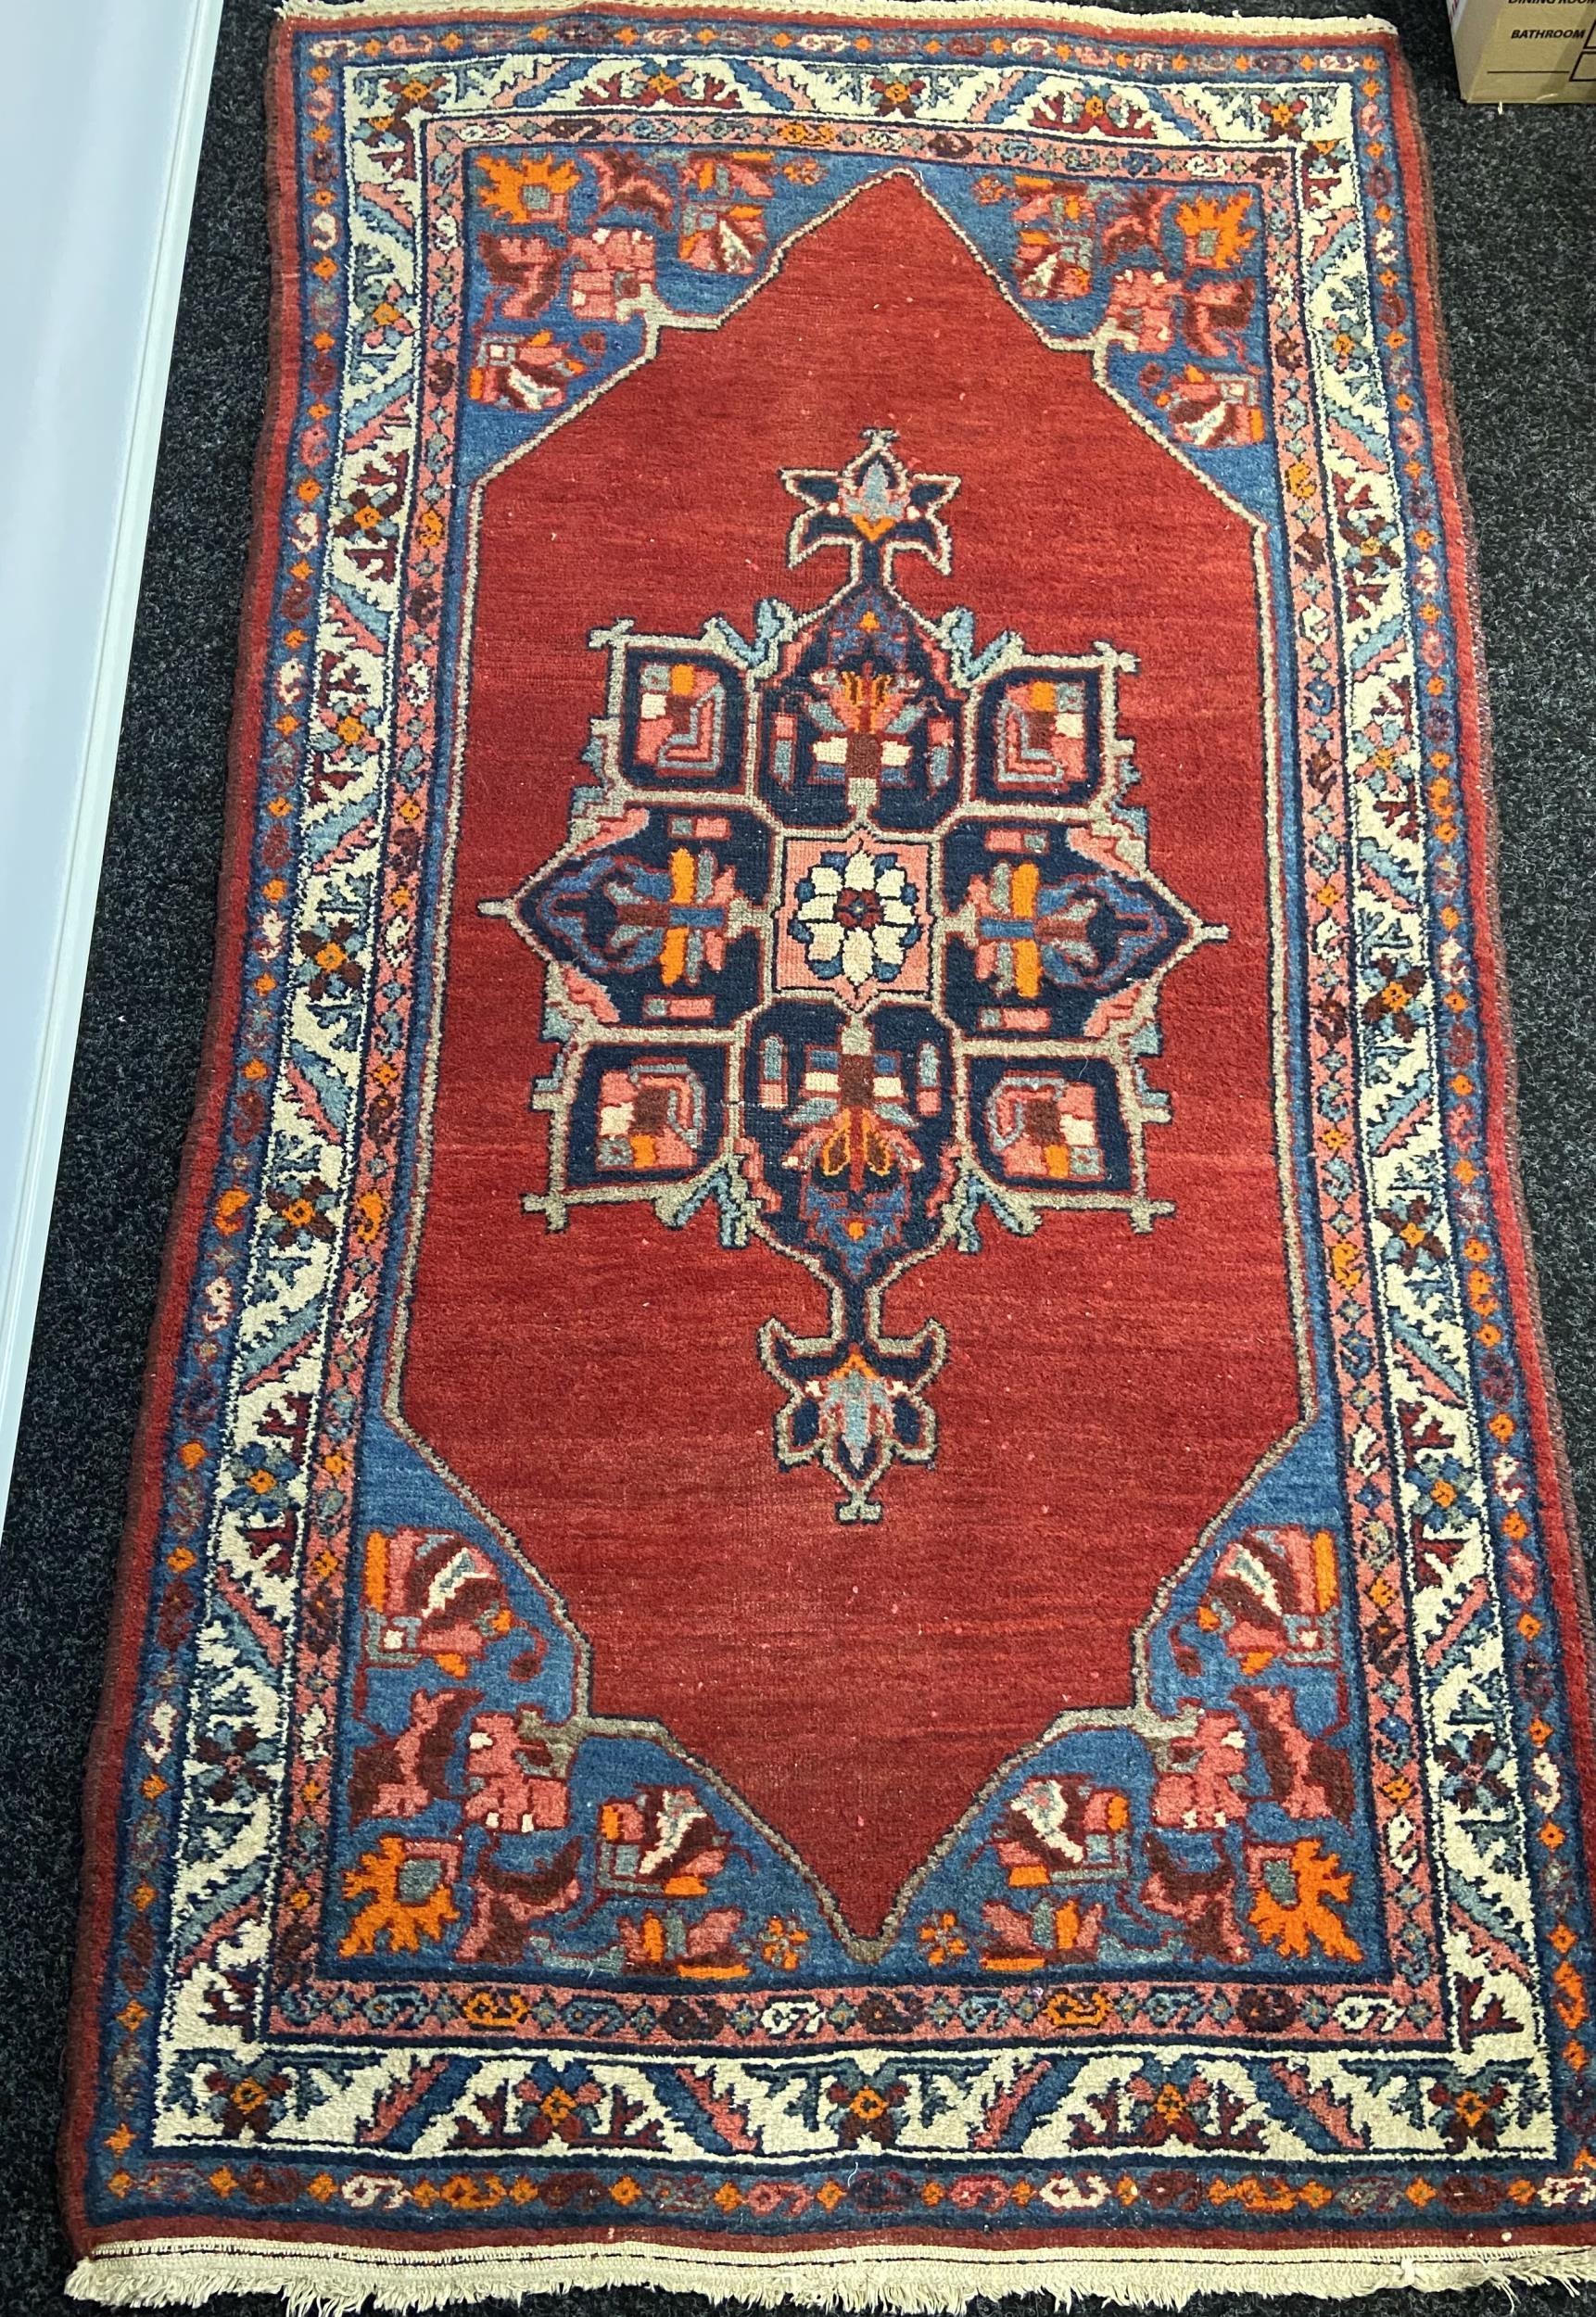 Antique hand made Iranian rug.[185x102cm] - Image 2 of 4